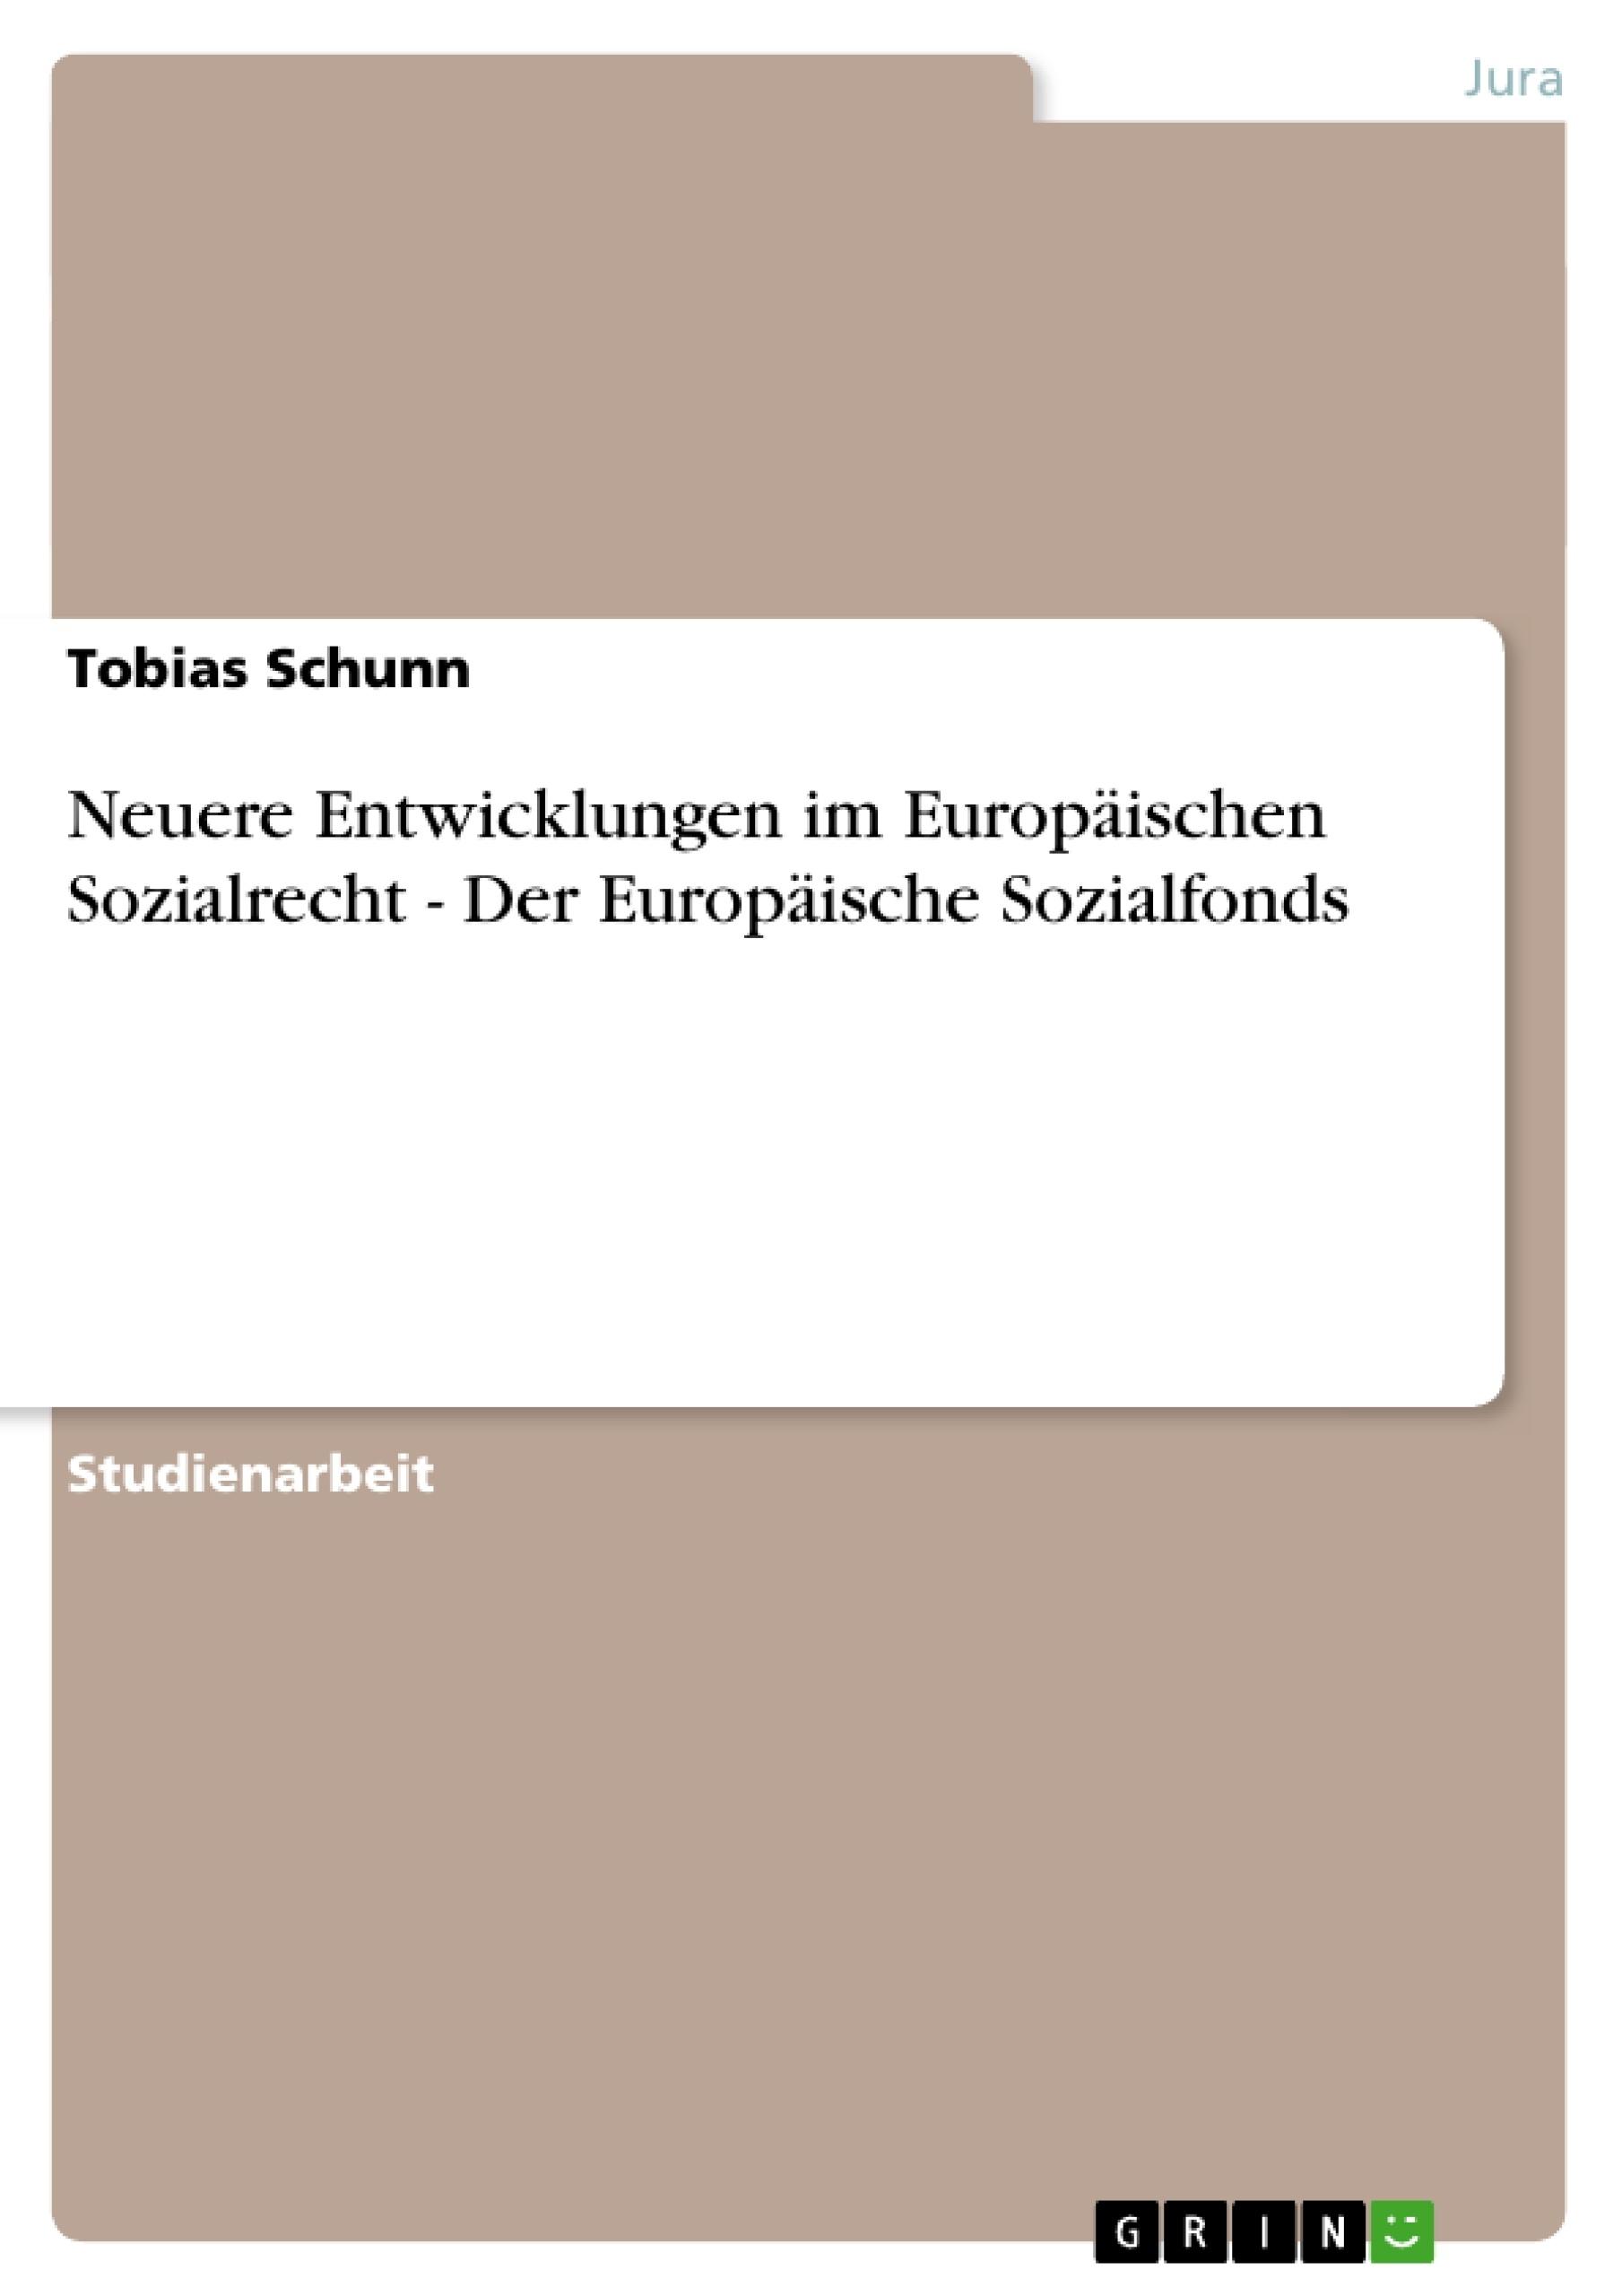 Titel: Neuere Entwicklungen im Europäischen Sozialrecht - Der Europäische Sozialfonds